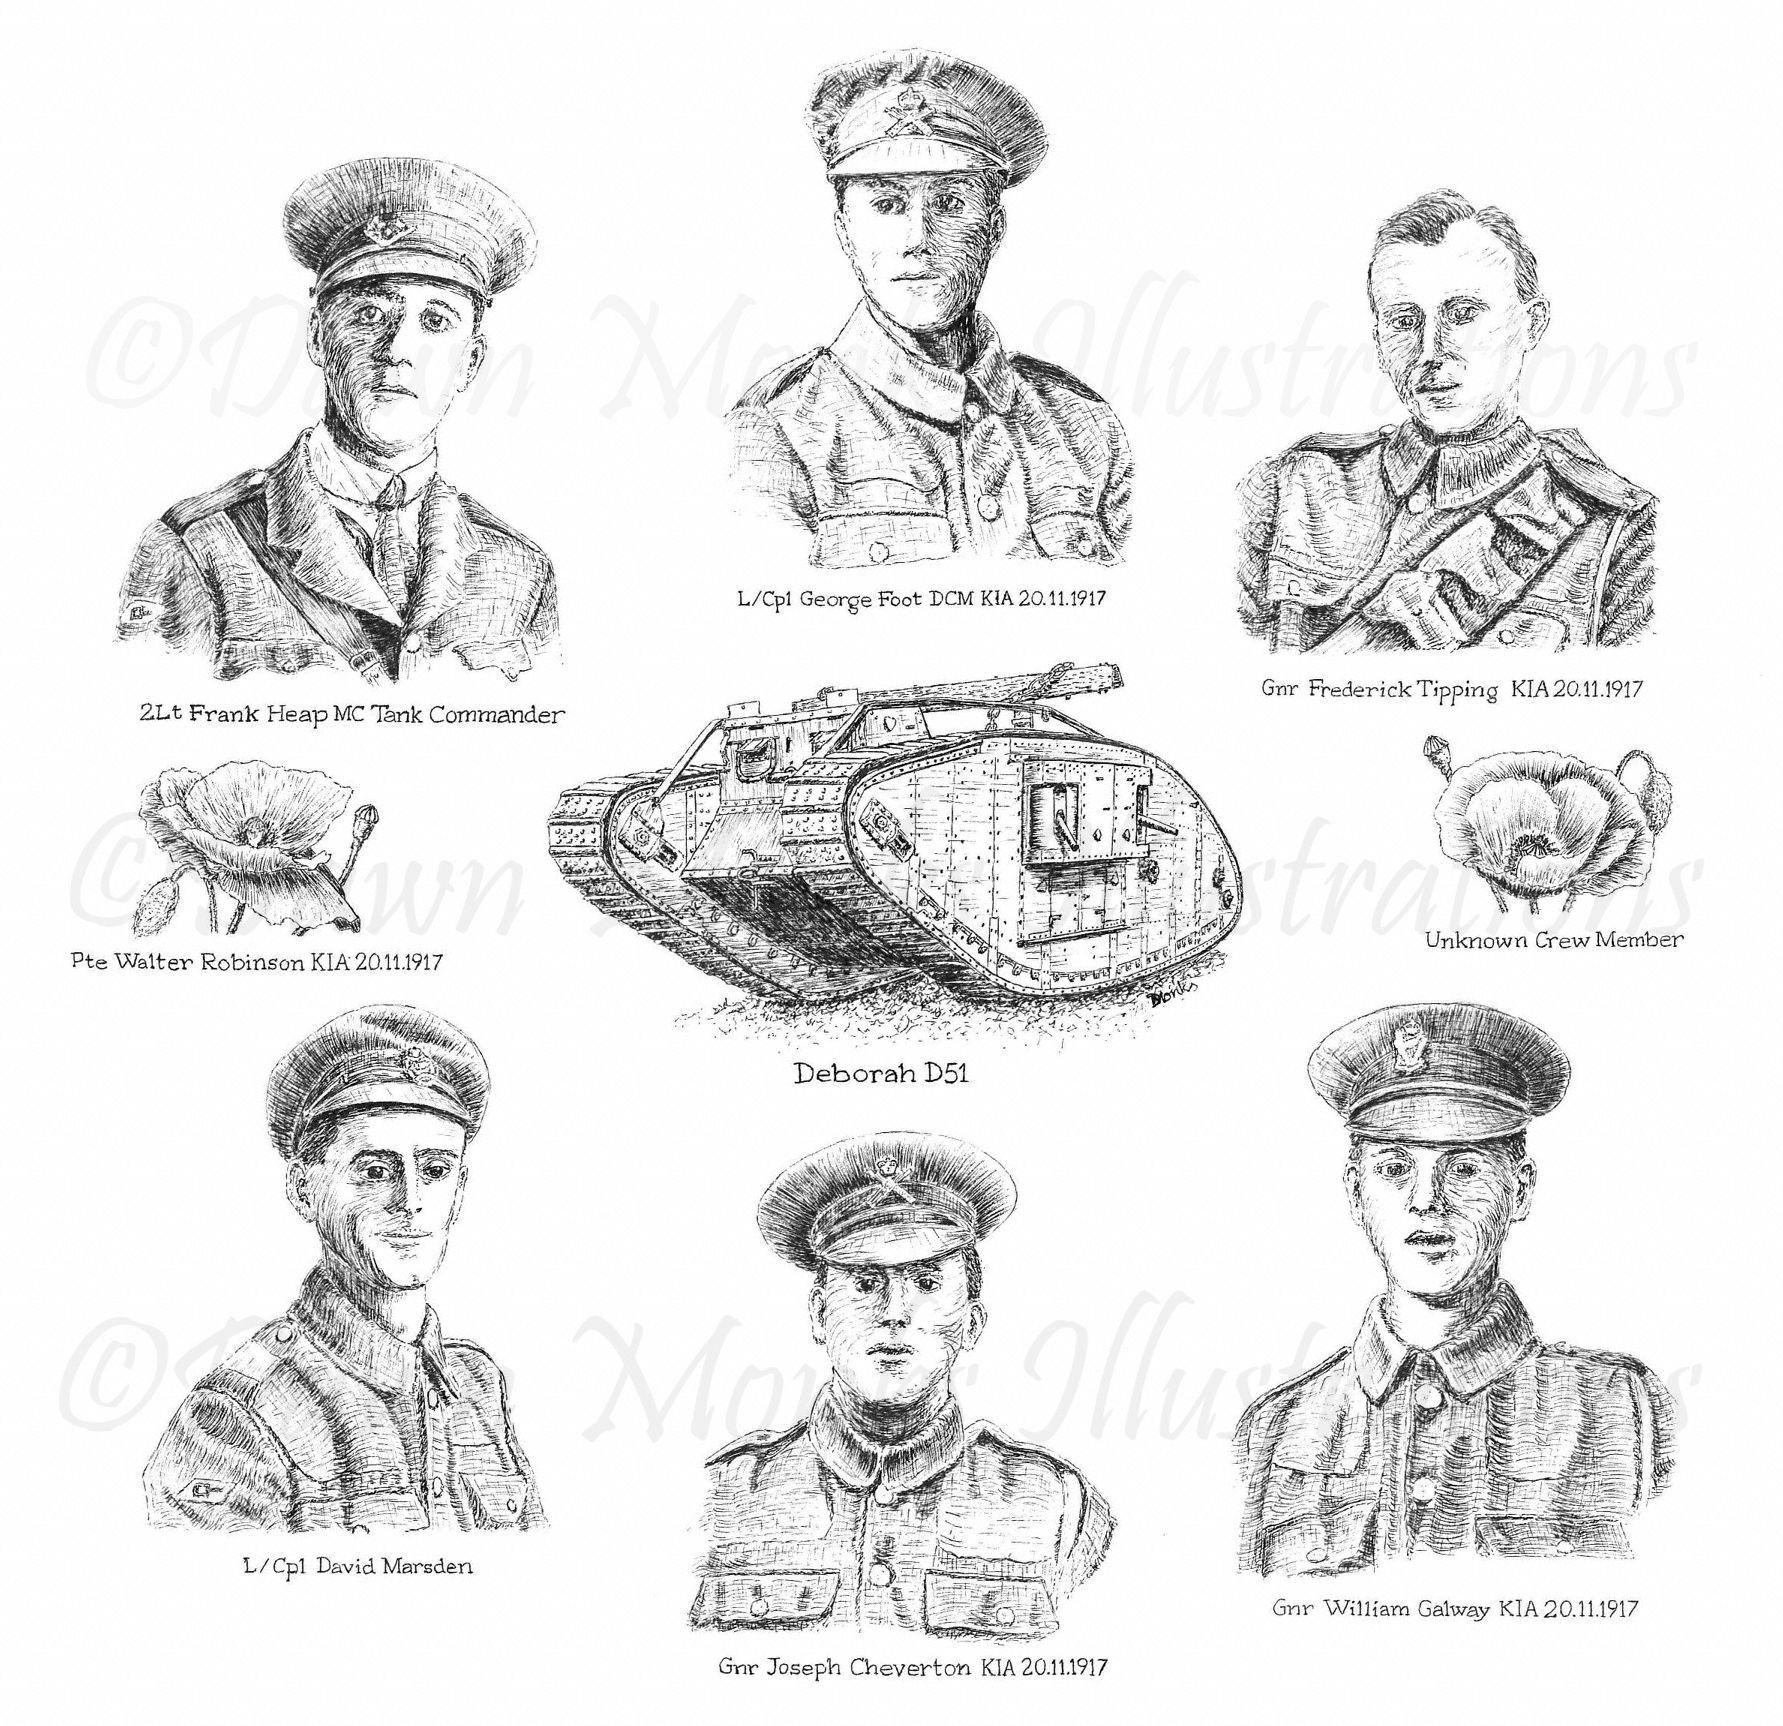 Tank Crew - Deborah D51 - WW1